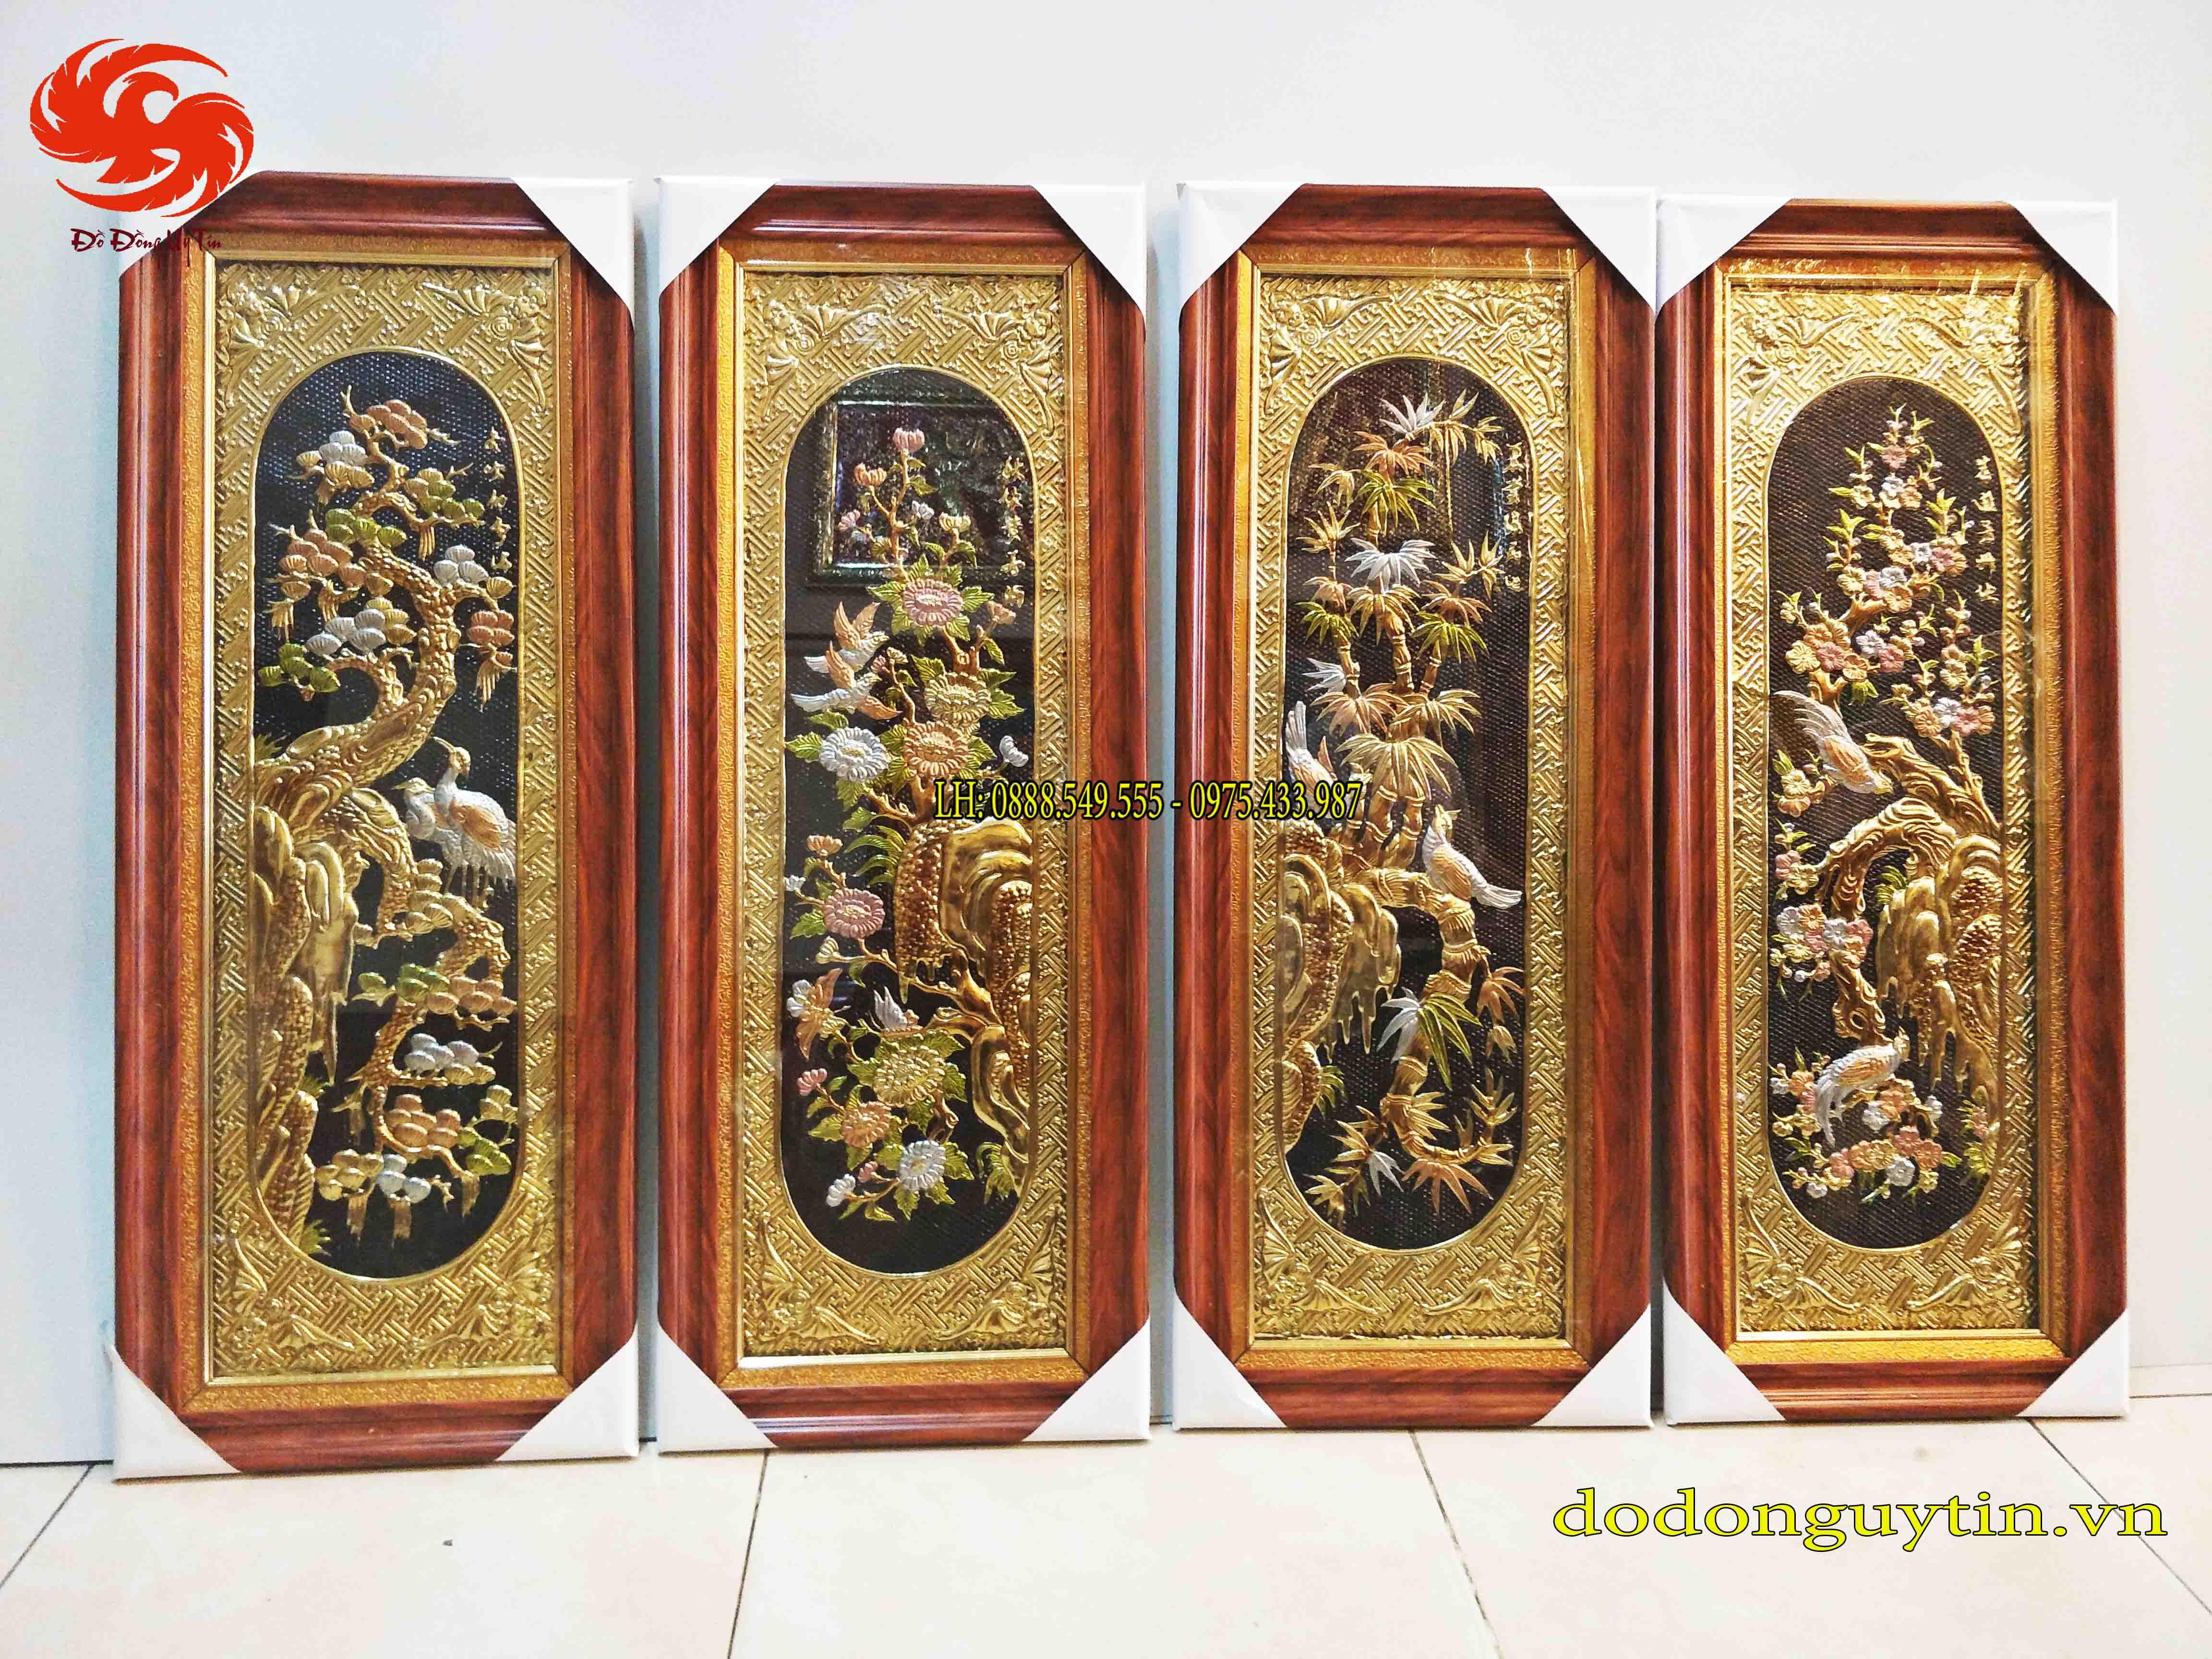 Tranh đồng tứ quý đồng vàng tinh xảo - Đồ đồng uy tín